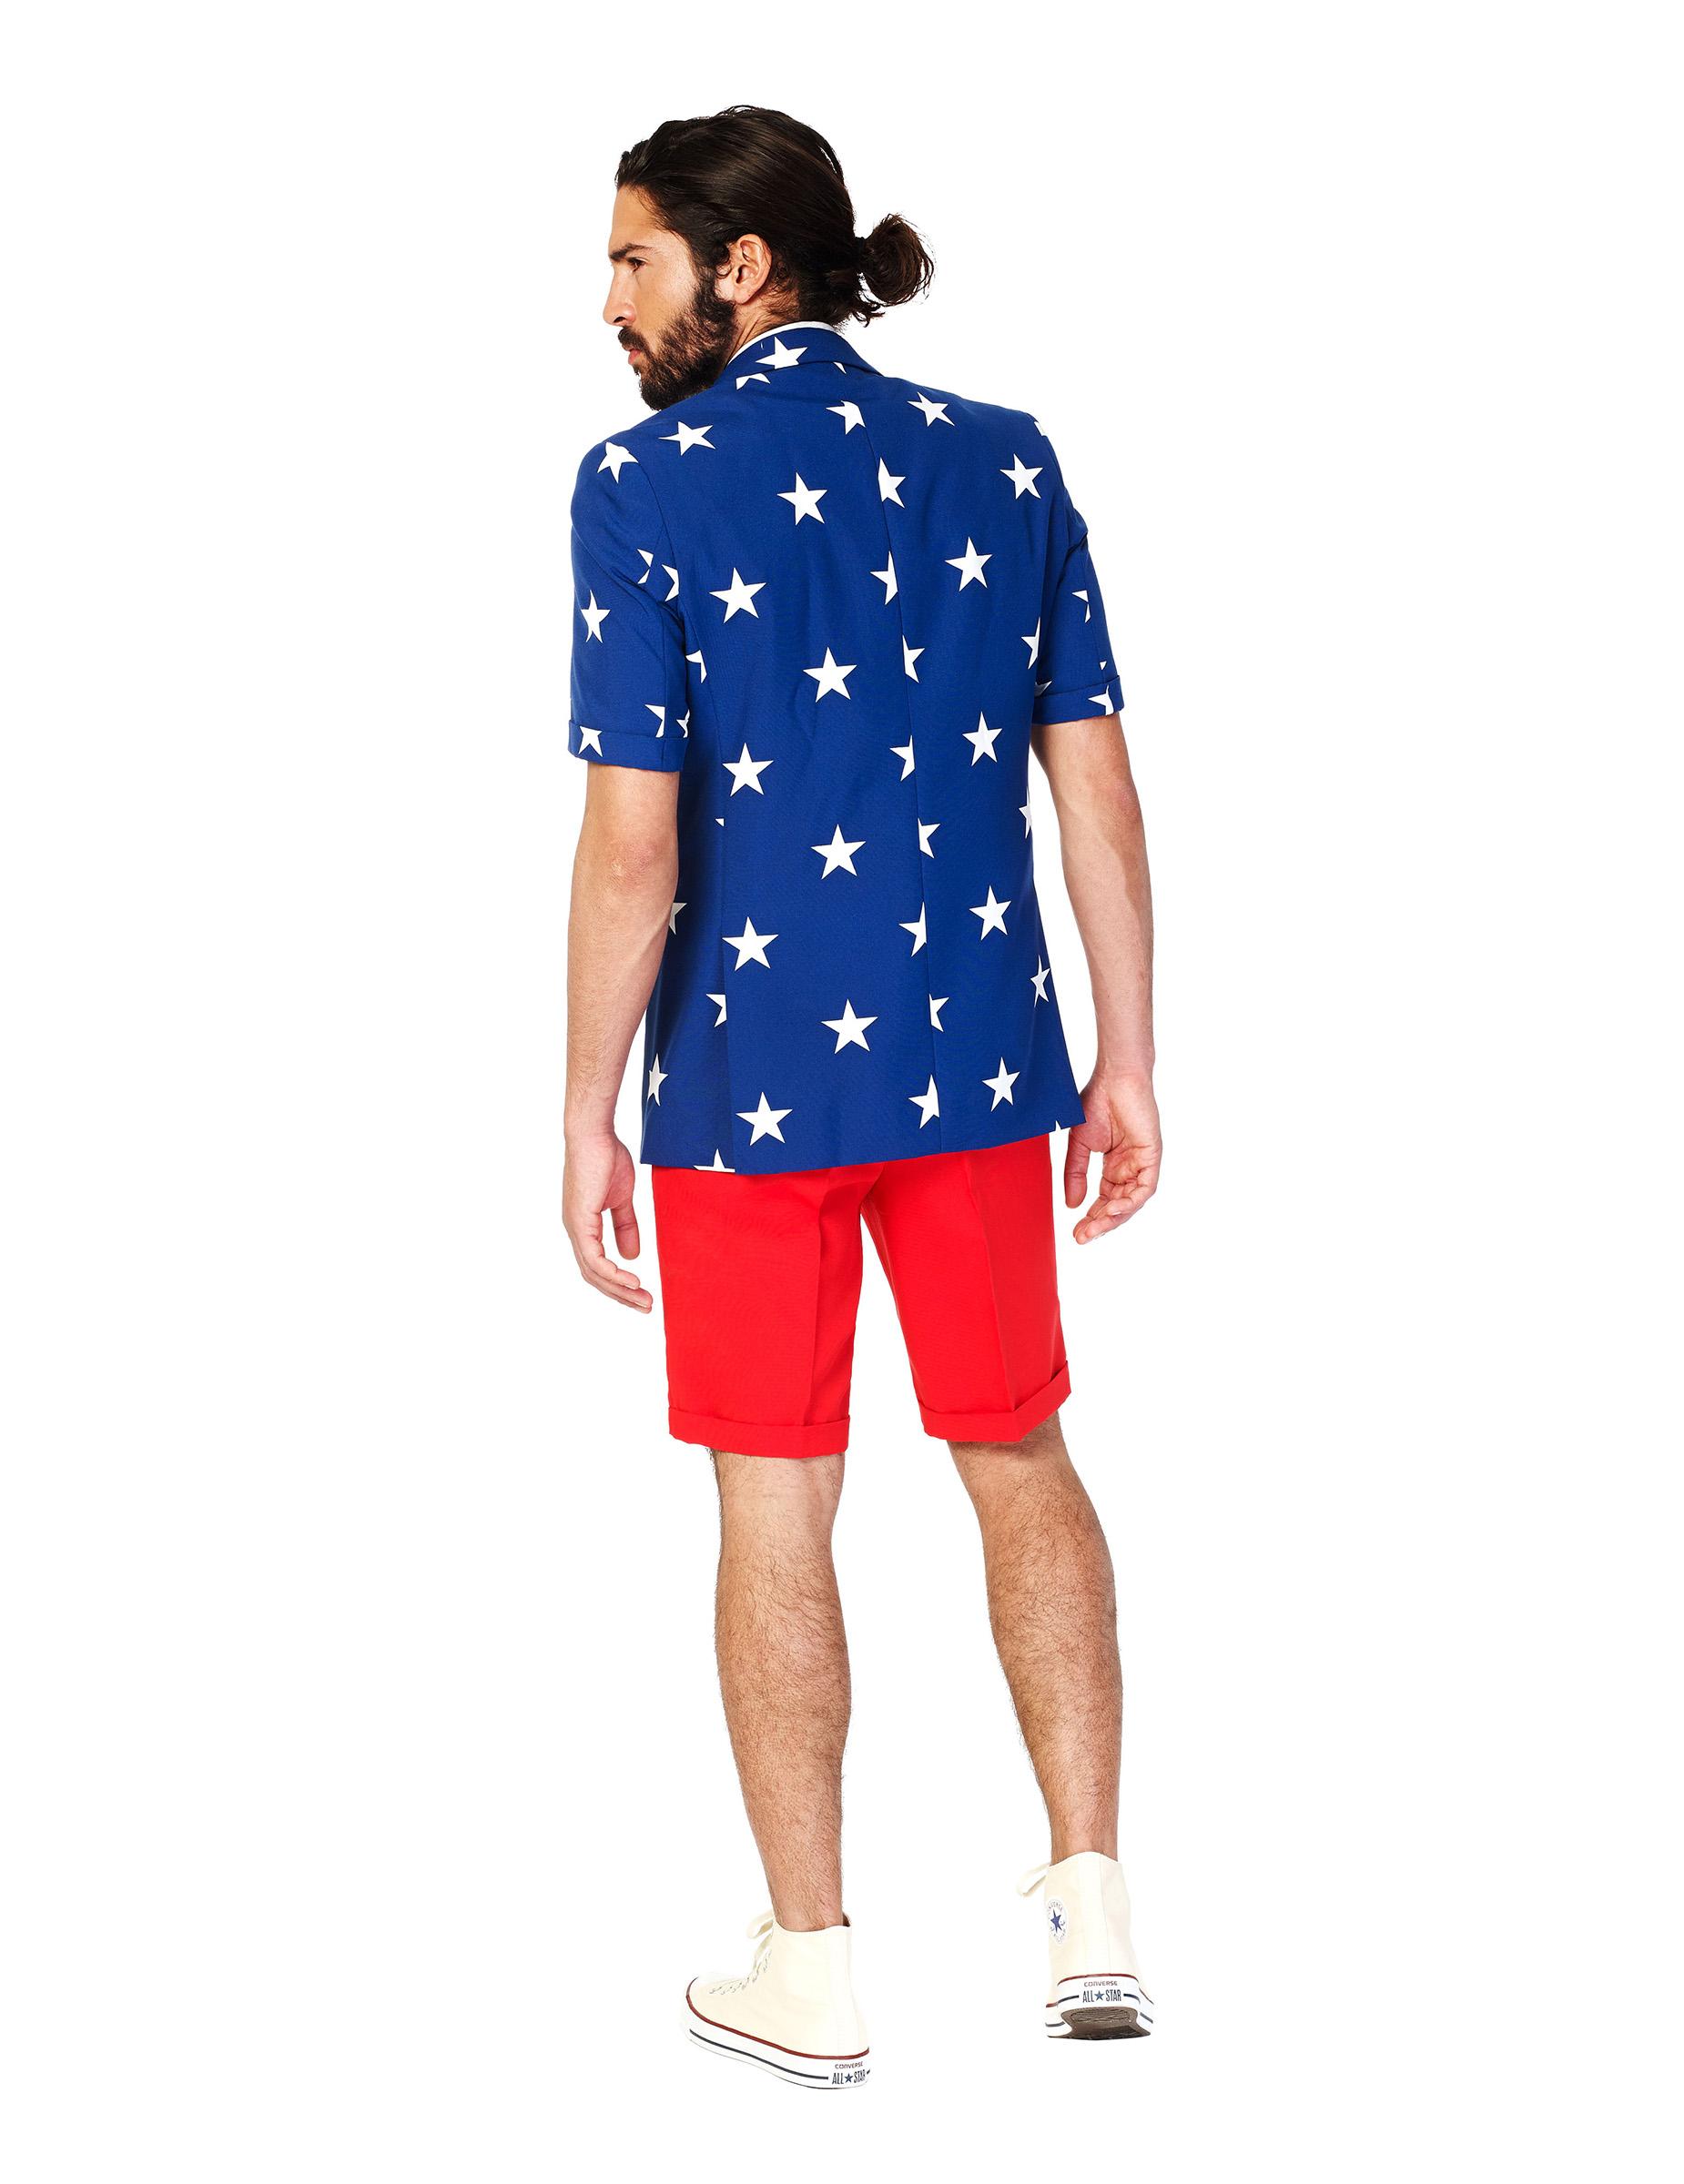 Costume d 39 t mr usa homme opposuits achat de d guisements adultes sur vegaoopro grossiste - Costume homme ete ...